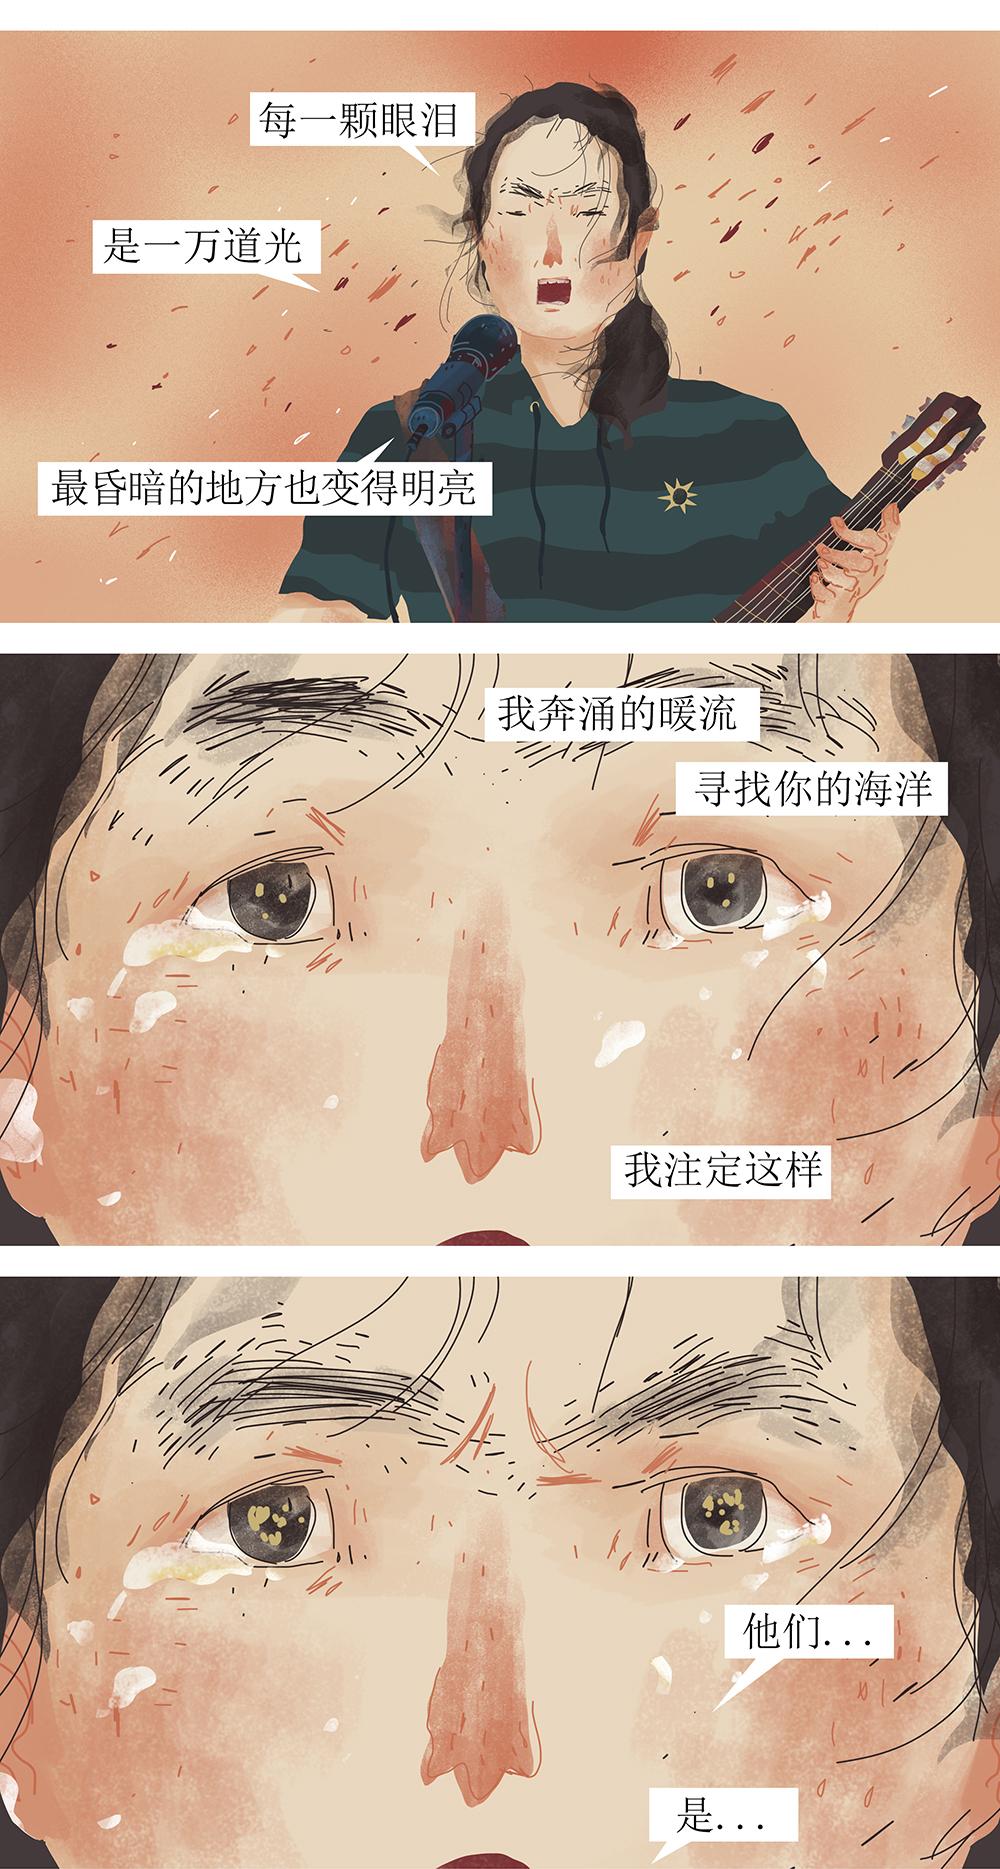 重庆时时彩任选3技巧